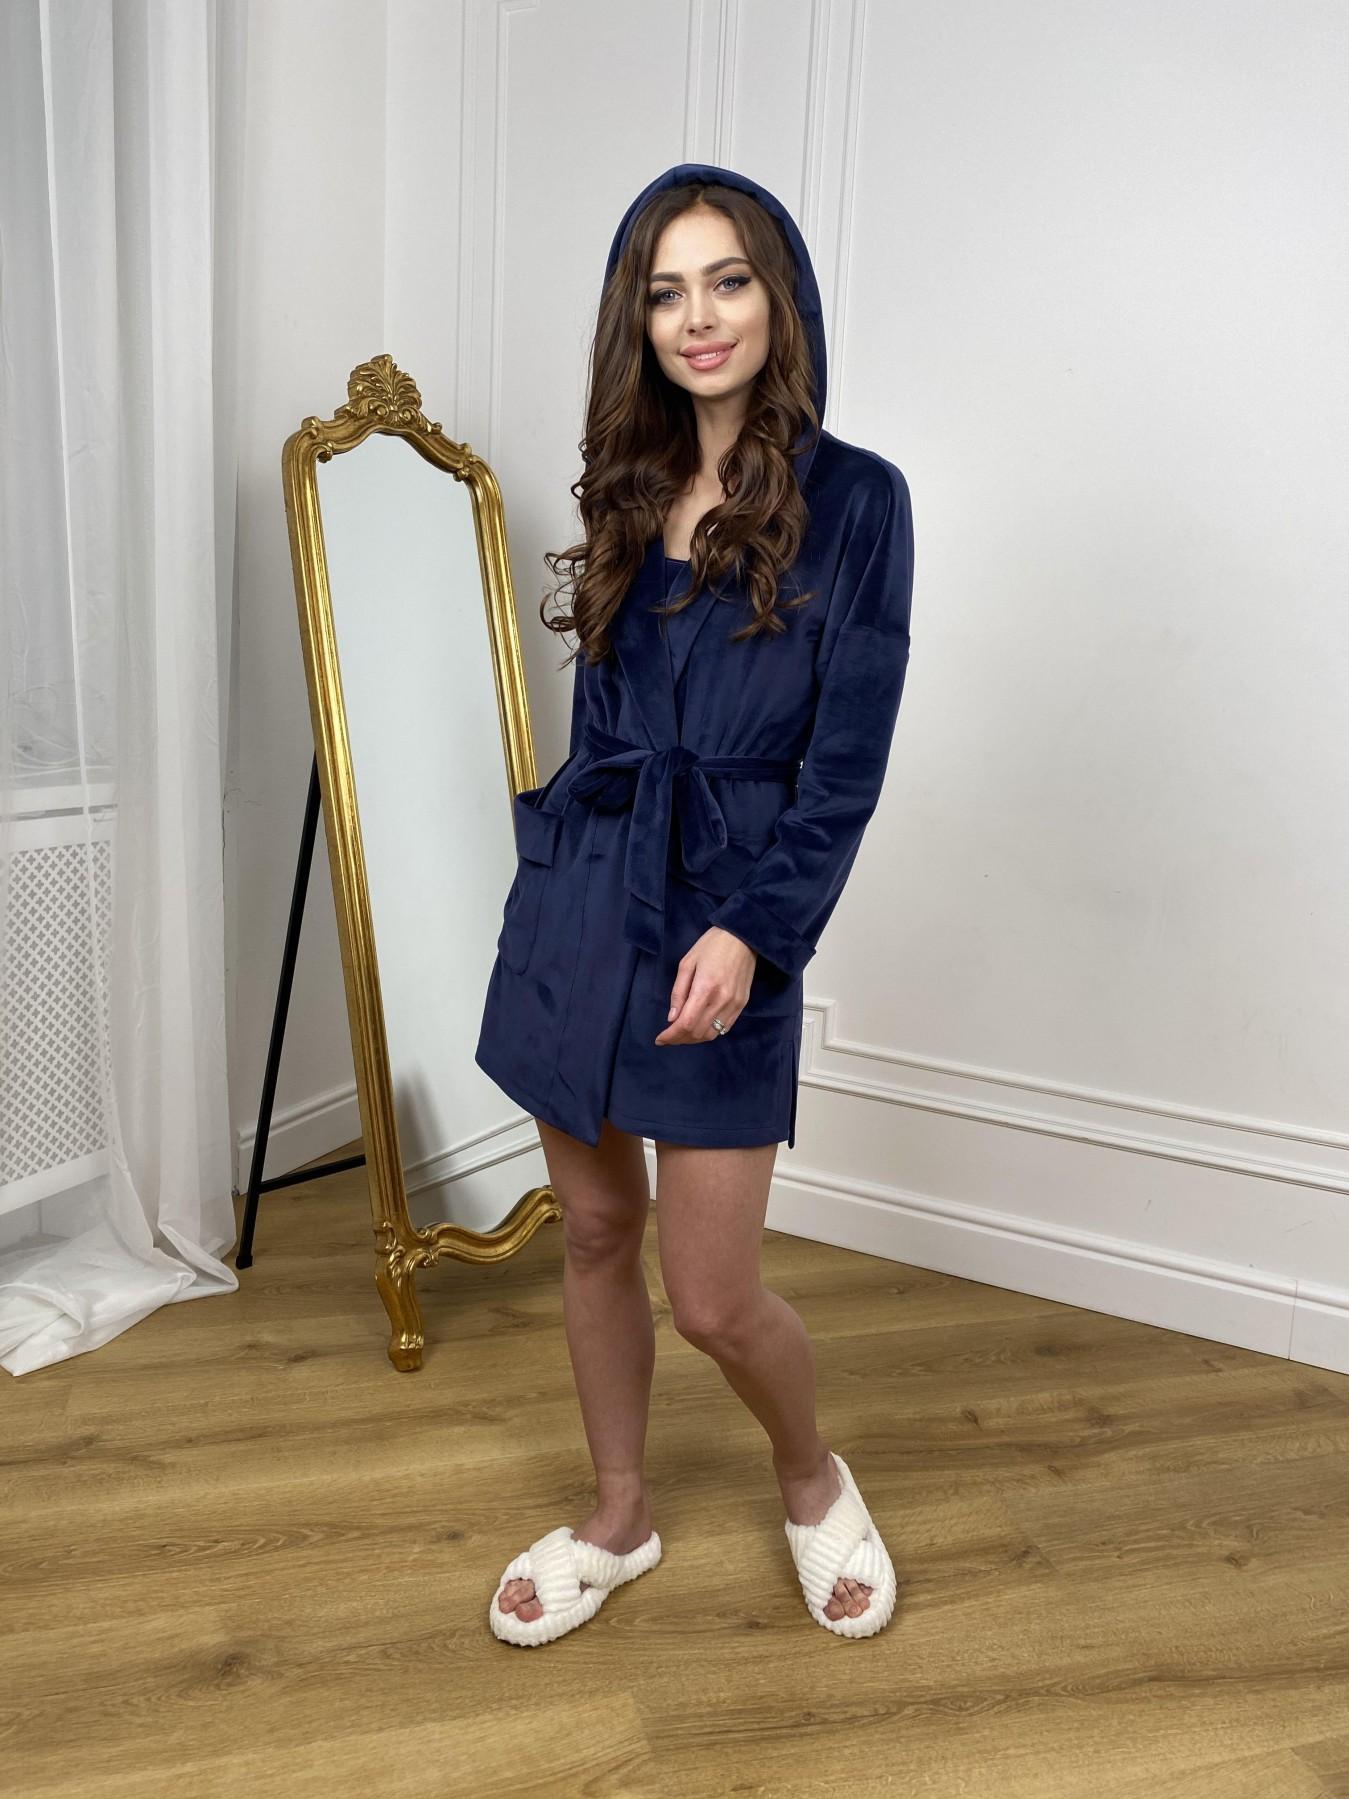 Фабьен мини халат из велюровой ткани 10516 АРТ. 46864 Цвет: т. синий - фото 3, интернет магазин tm-modus.ru